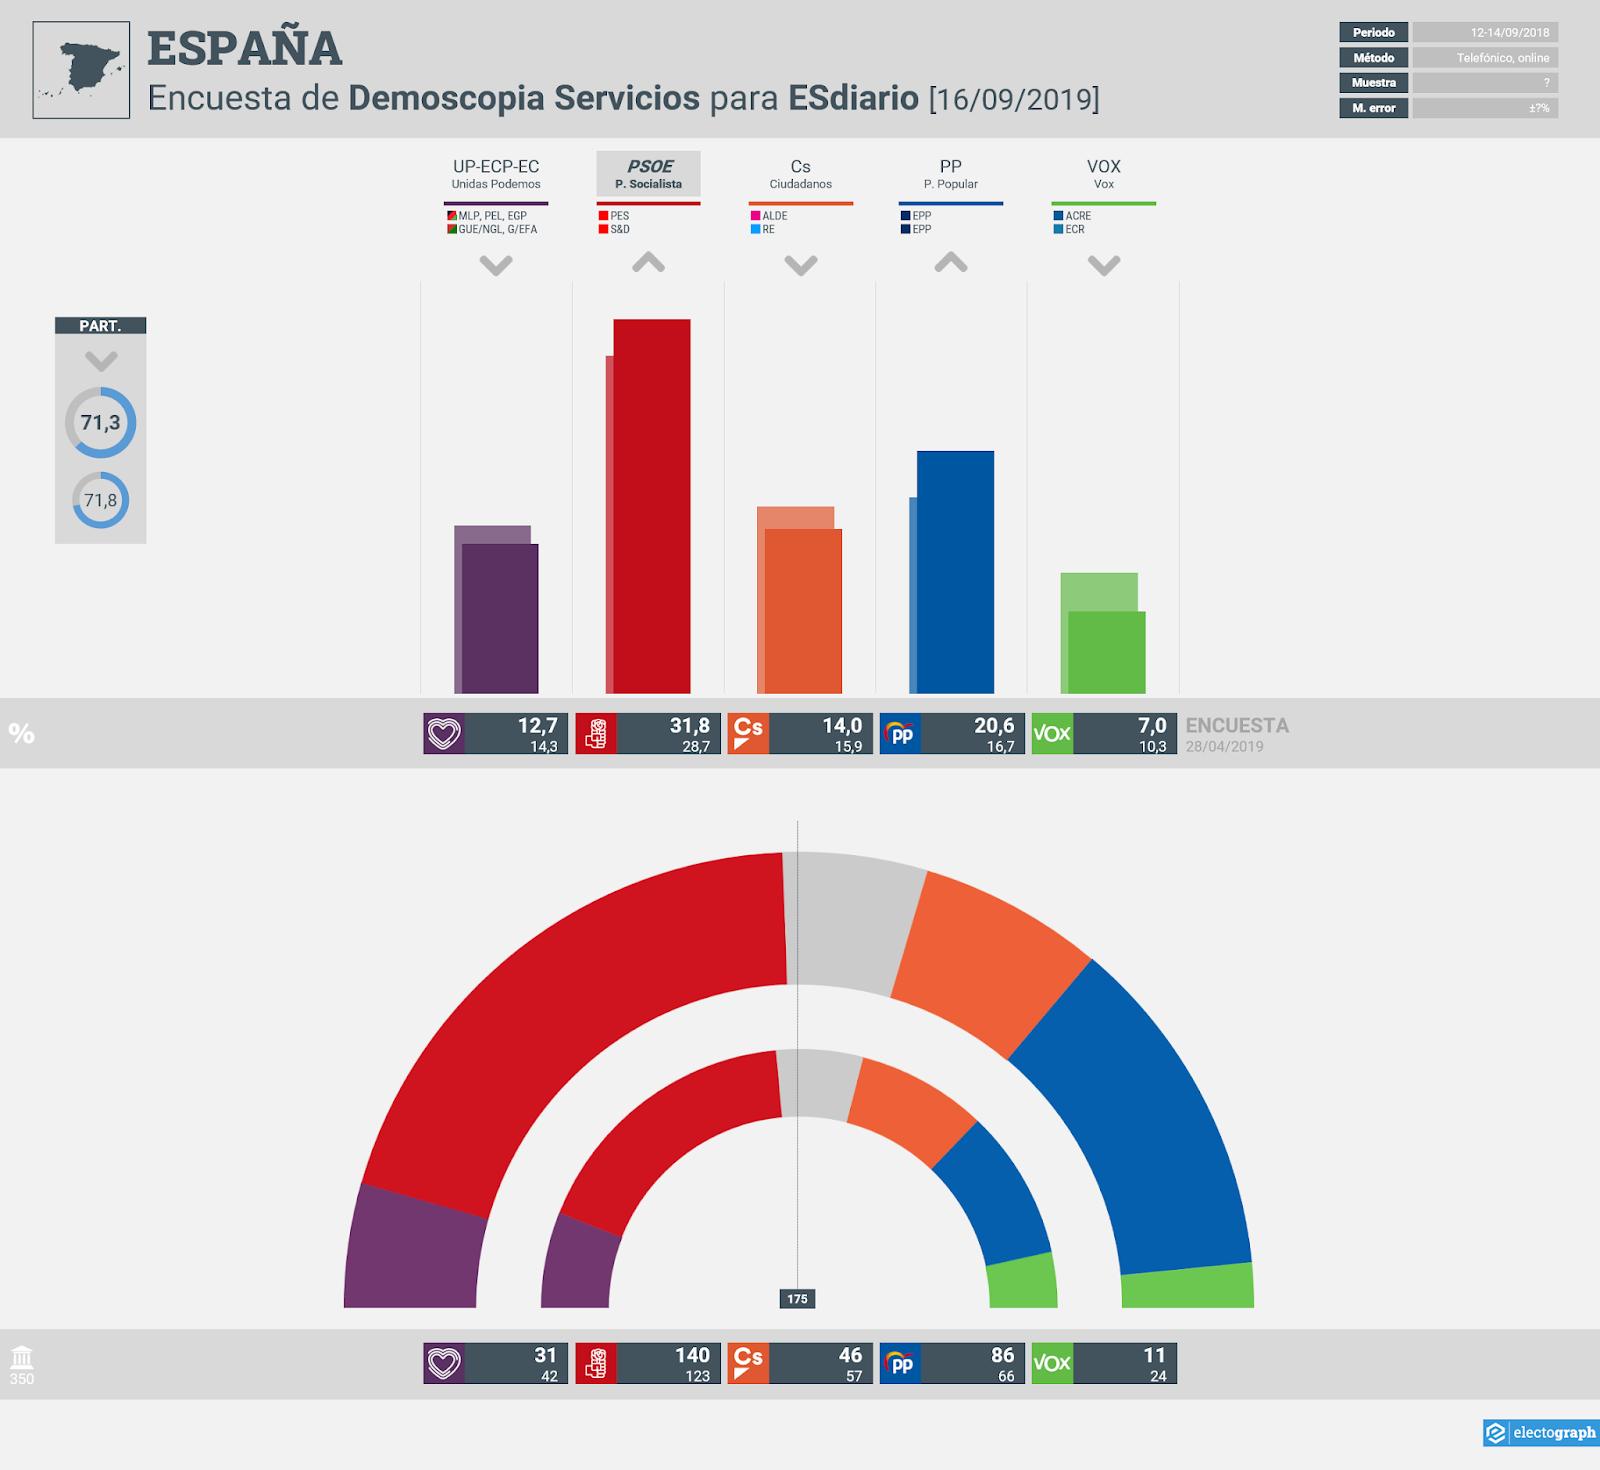 Gráfico de la encuesta para elecciones generales en España realizada por Demoscopia Servicios para ESdiario, 16 de septiembre de 2019